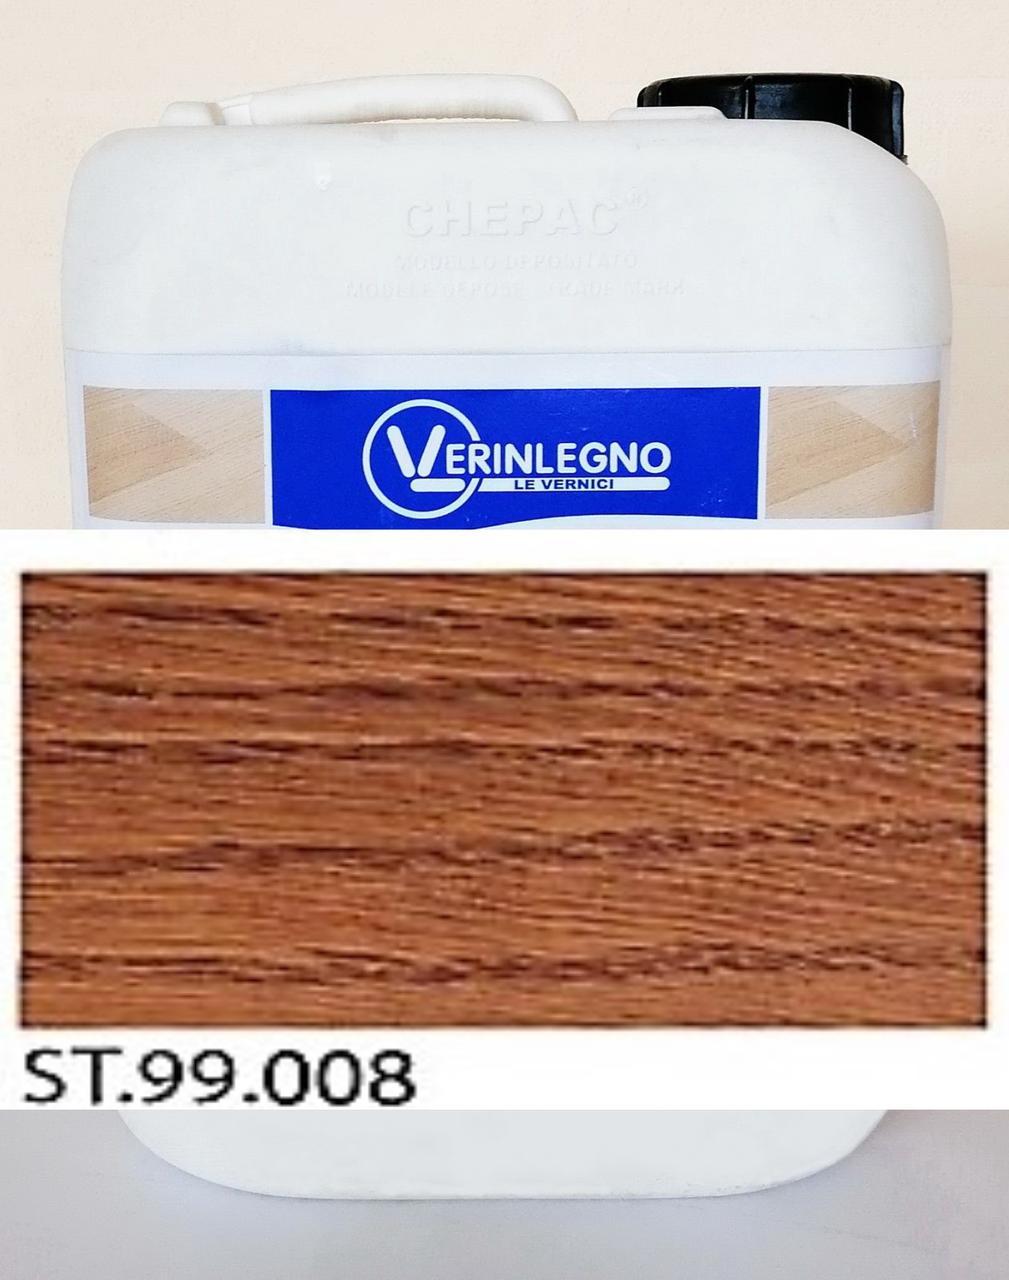 Барвник (морилка, просочення, бейц) для дерева VERINLEGNO ST.99.008, тара: 1л.